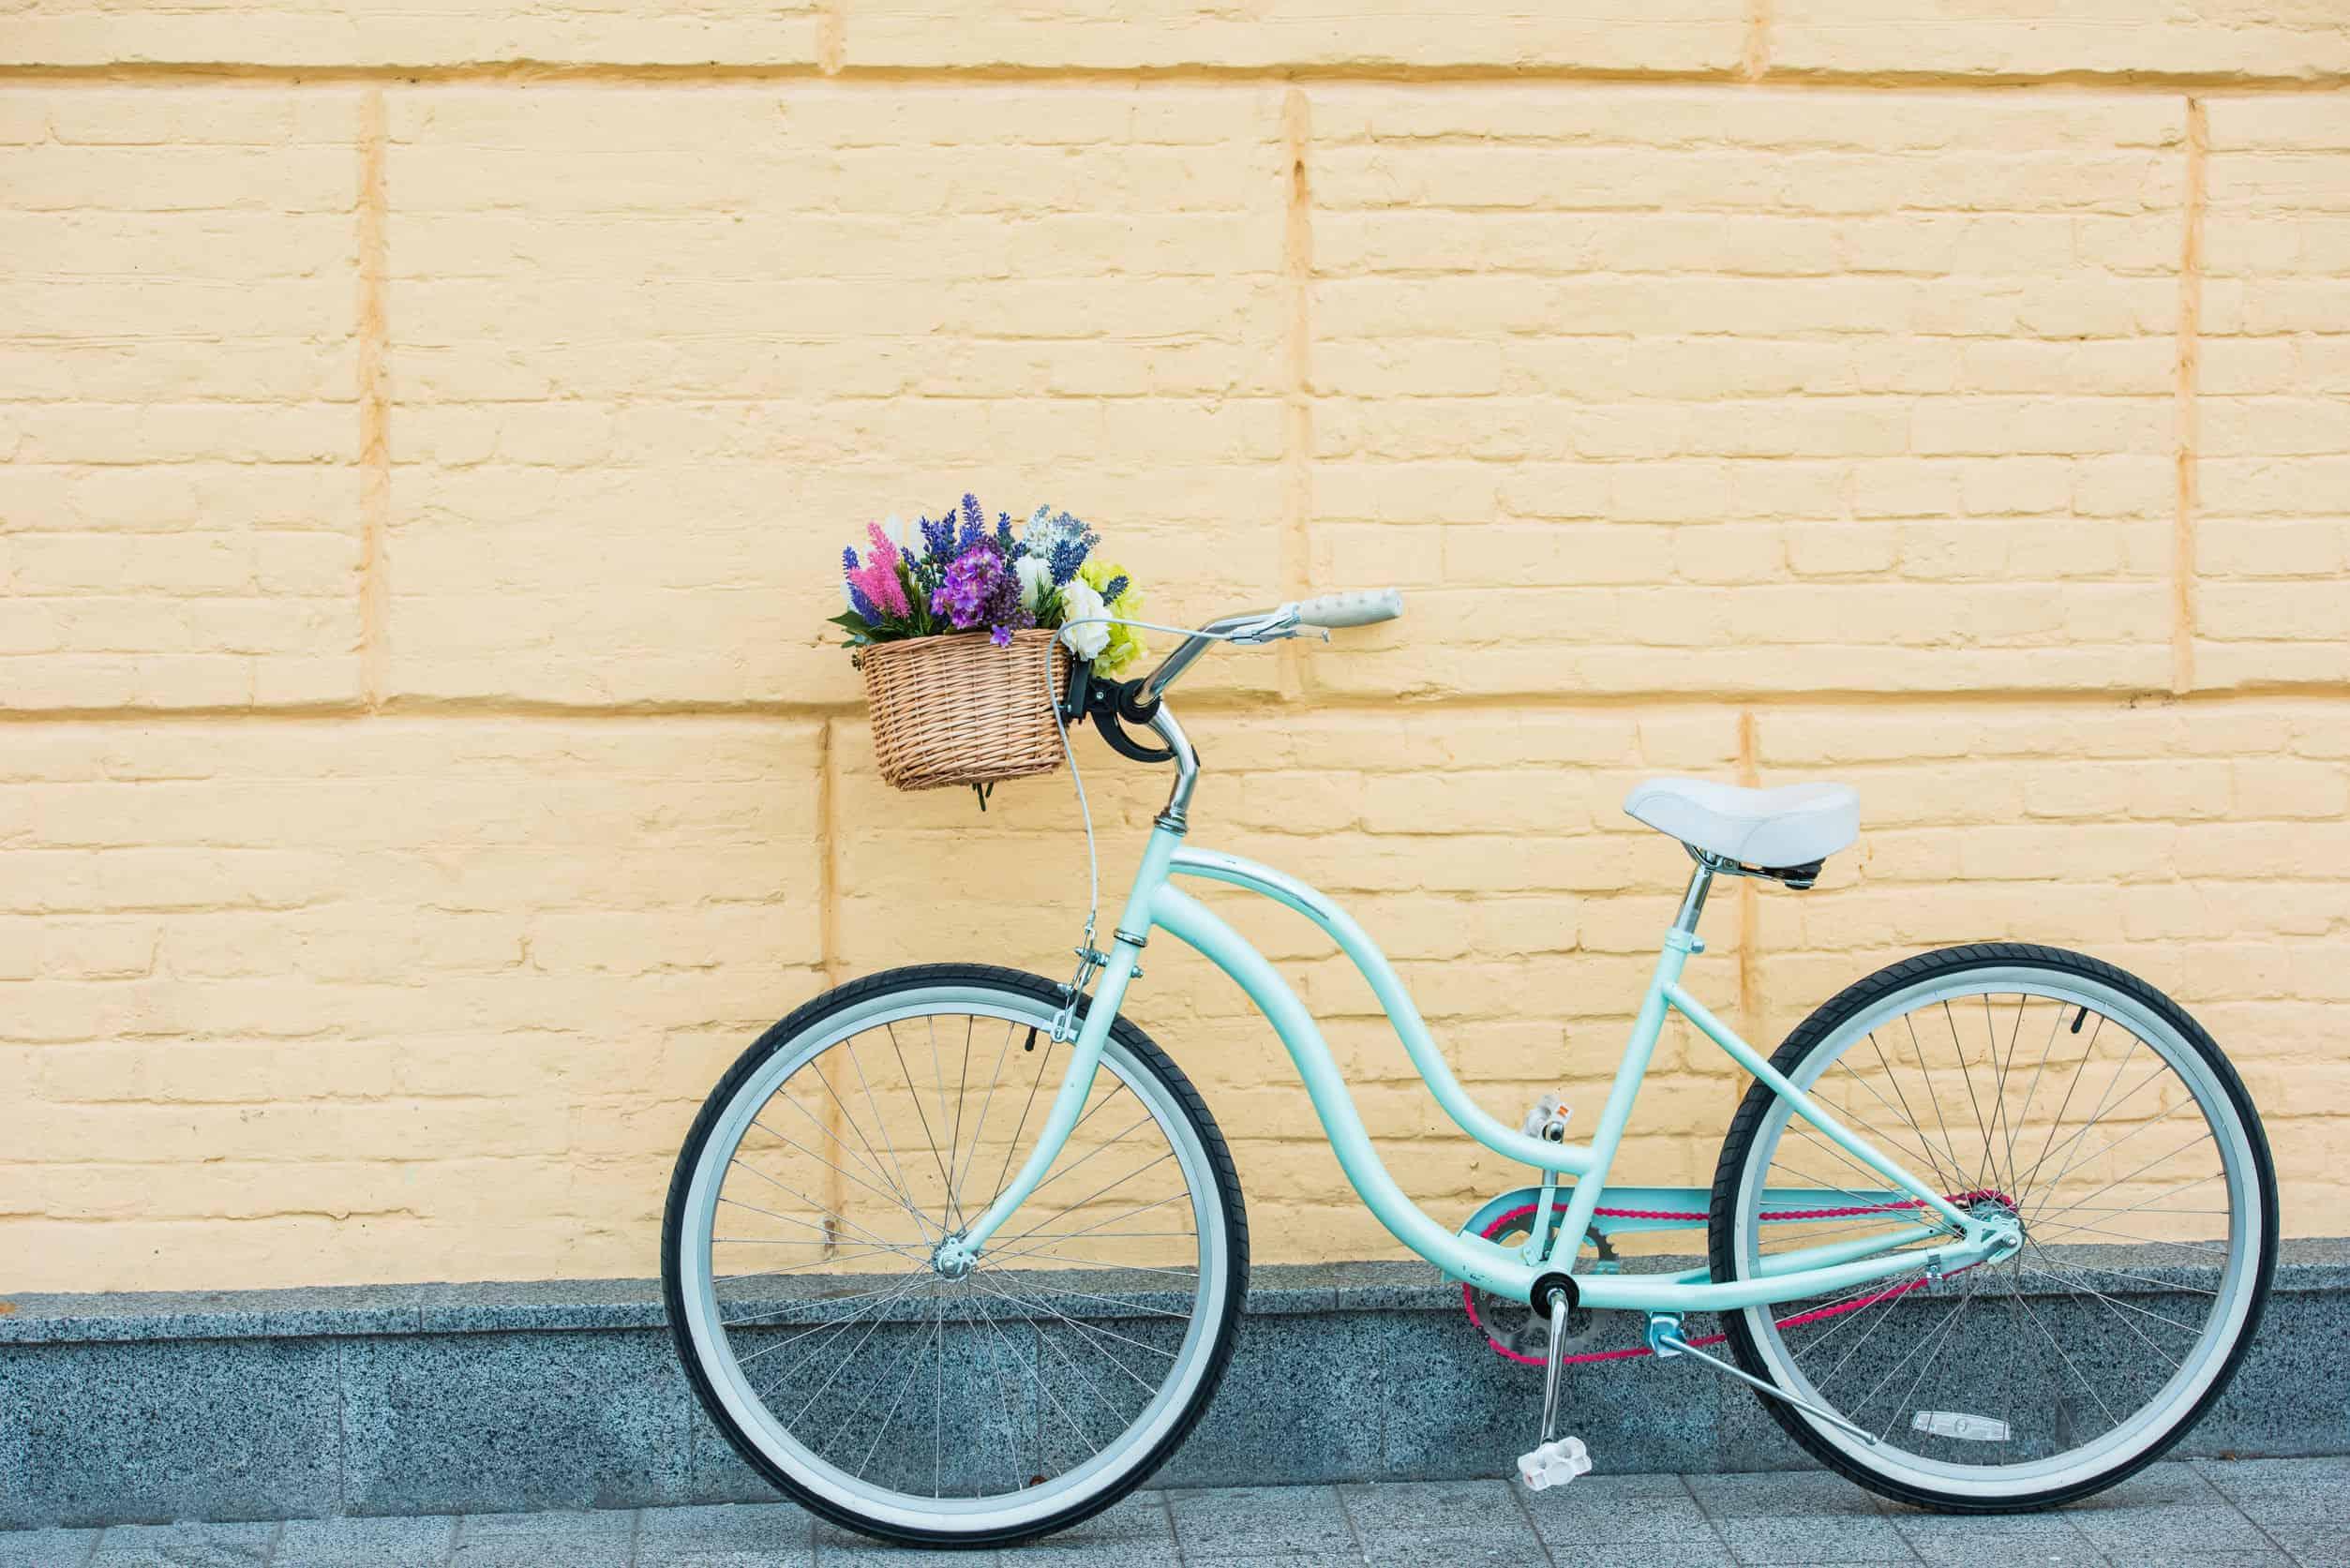 fiets met mand